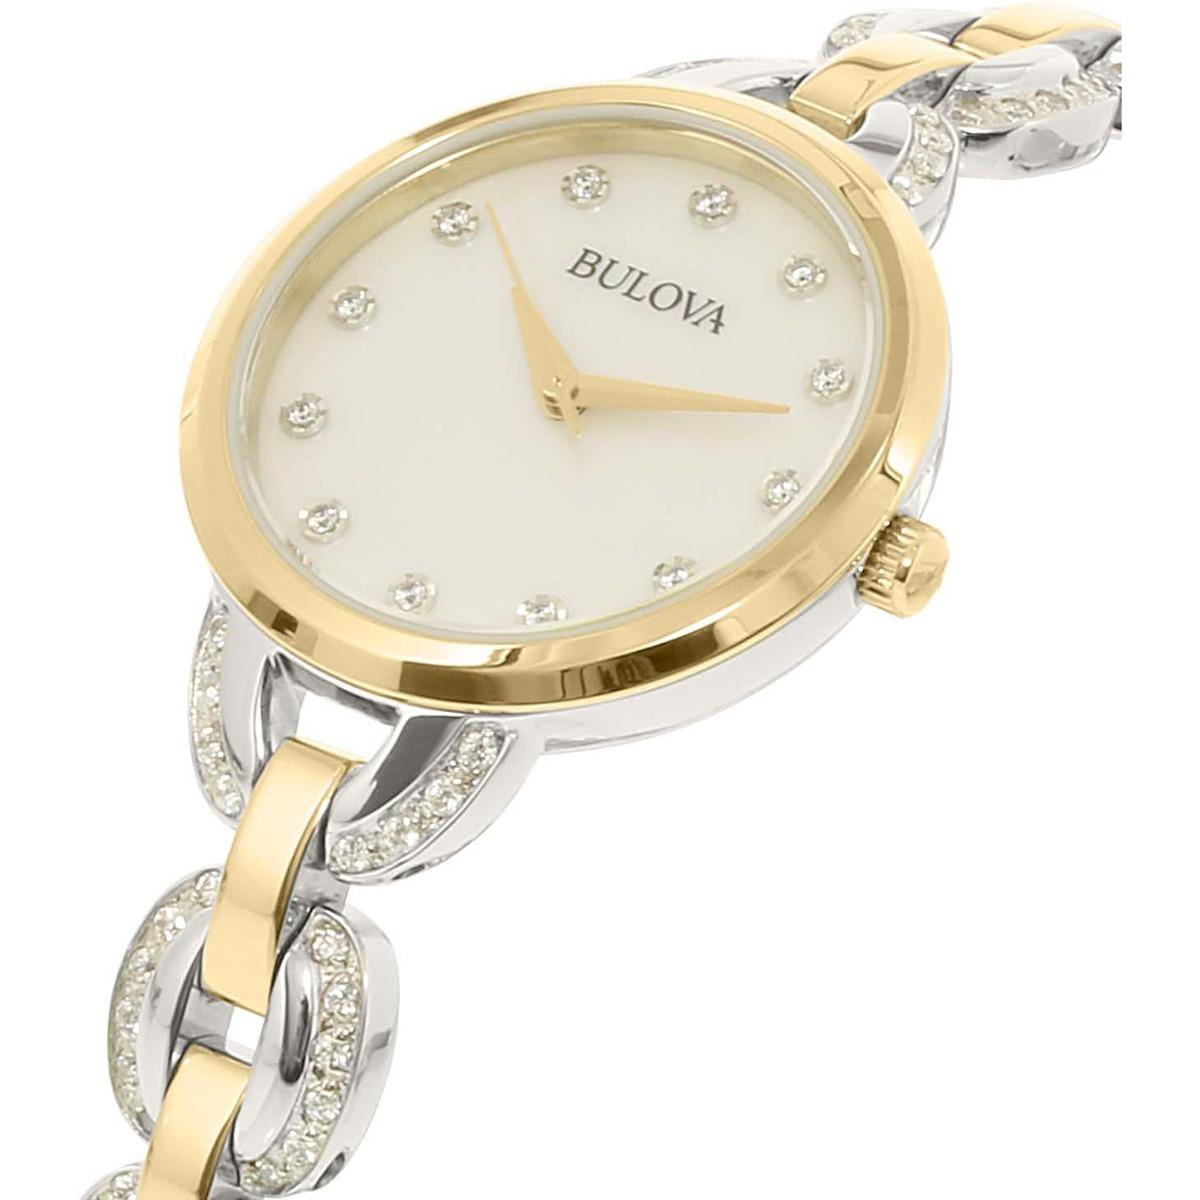 9c9b96285fd5 reloj bulova para mujer 98l206 dorado en acero inoxidable y. Cargando zoom.